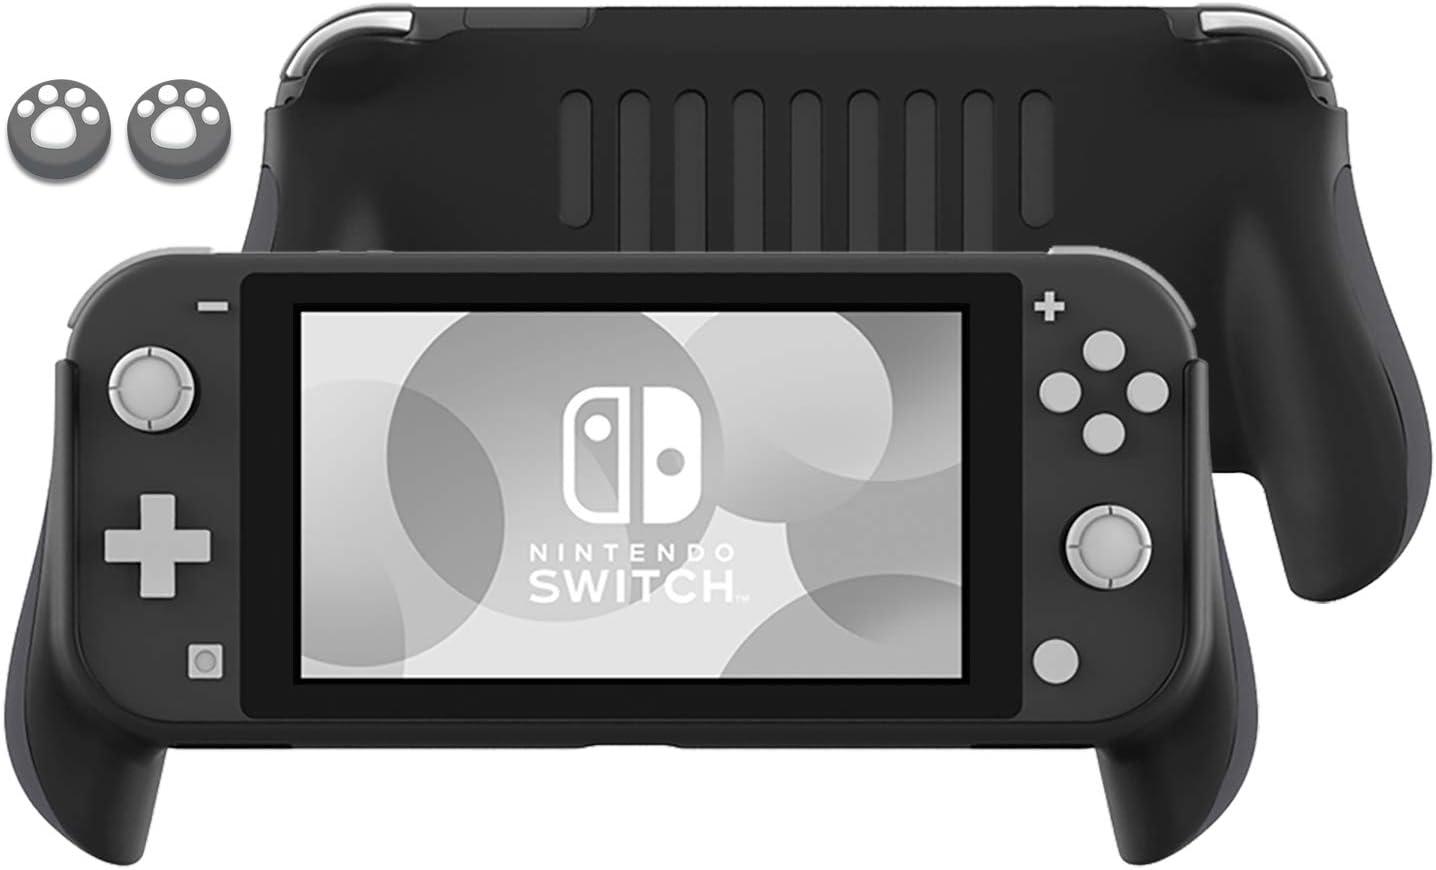 Lammcou Empuñaduras para Nintendo Switch Lite Agarres para Manos Interruptor Resistente al Desgaste Controlador Ergonómico Mango Funda Protectora de Mano para Nintendo Switch Lite Hand Grips: Amazon.es: Electrónica